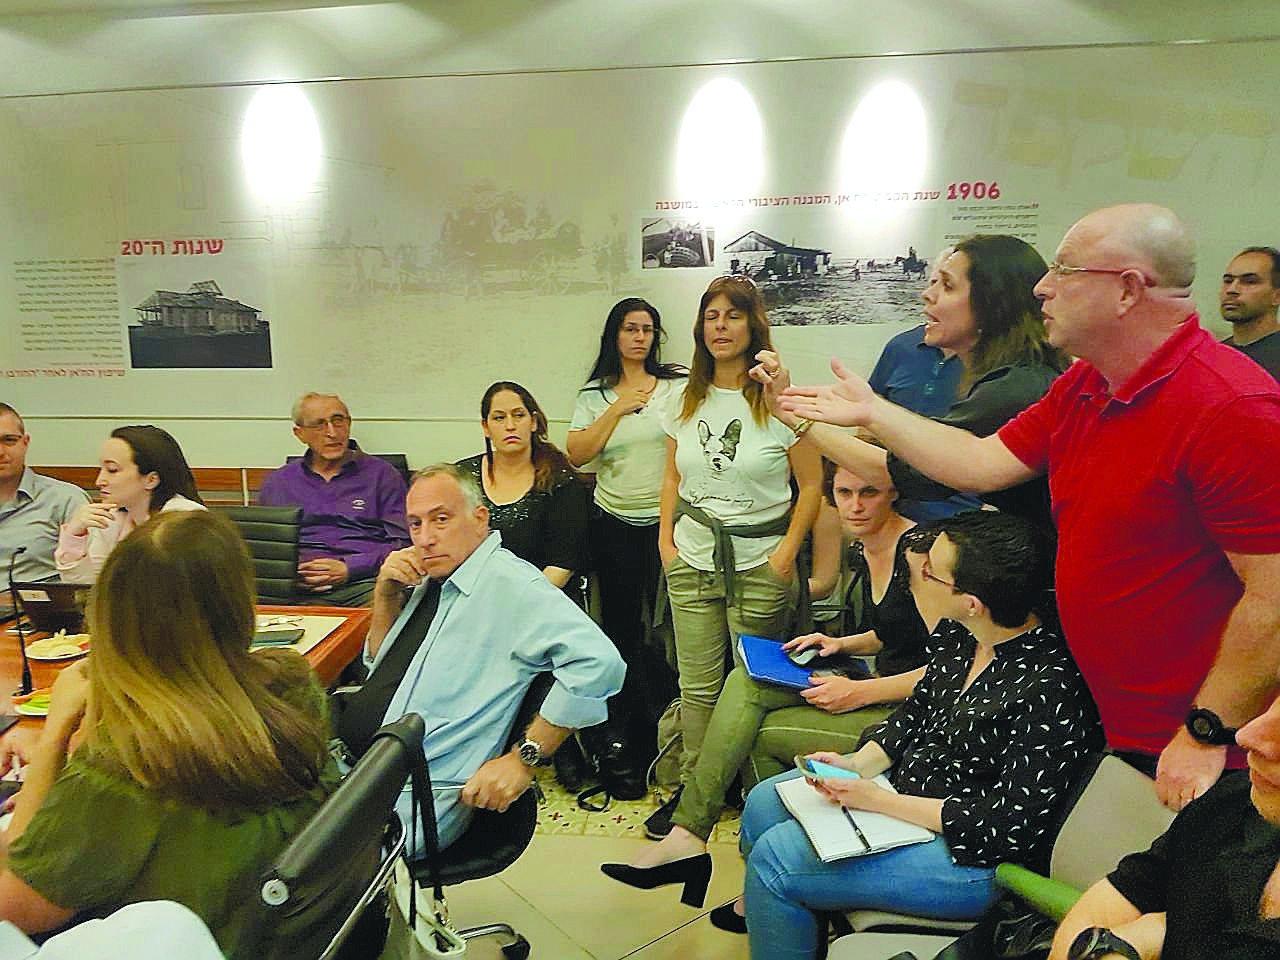 פעילי מטה המאבק בישיבת המועצה